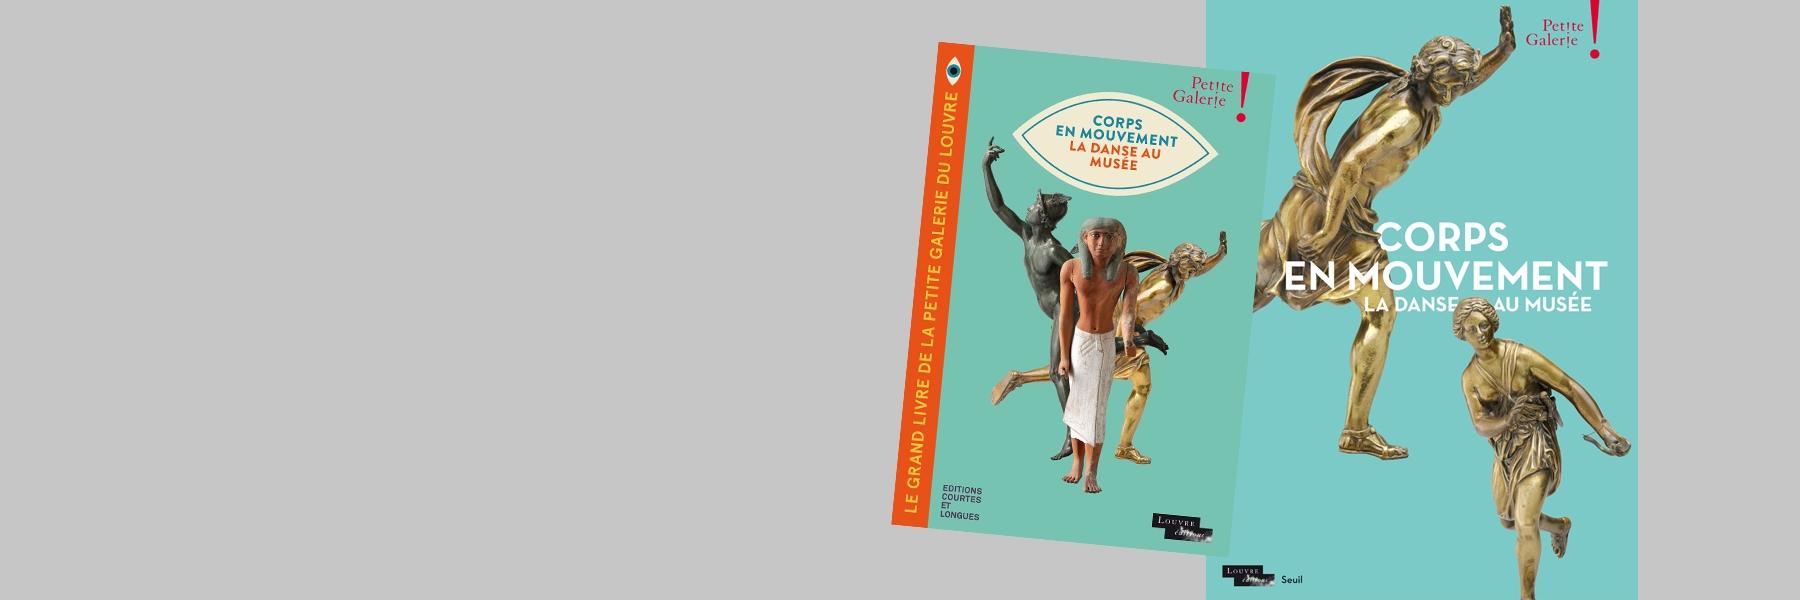 Couvertures des deux ouvrages édités pour l'exposition